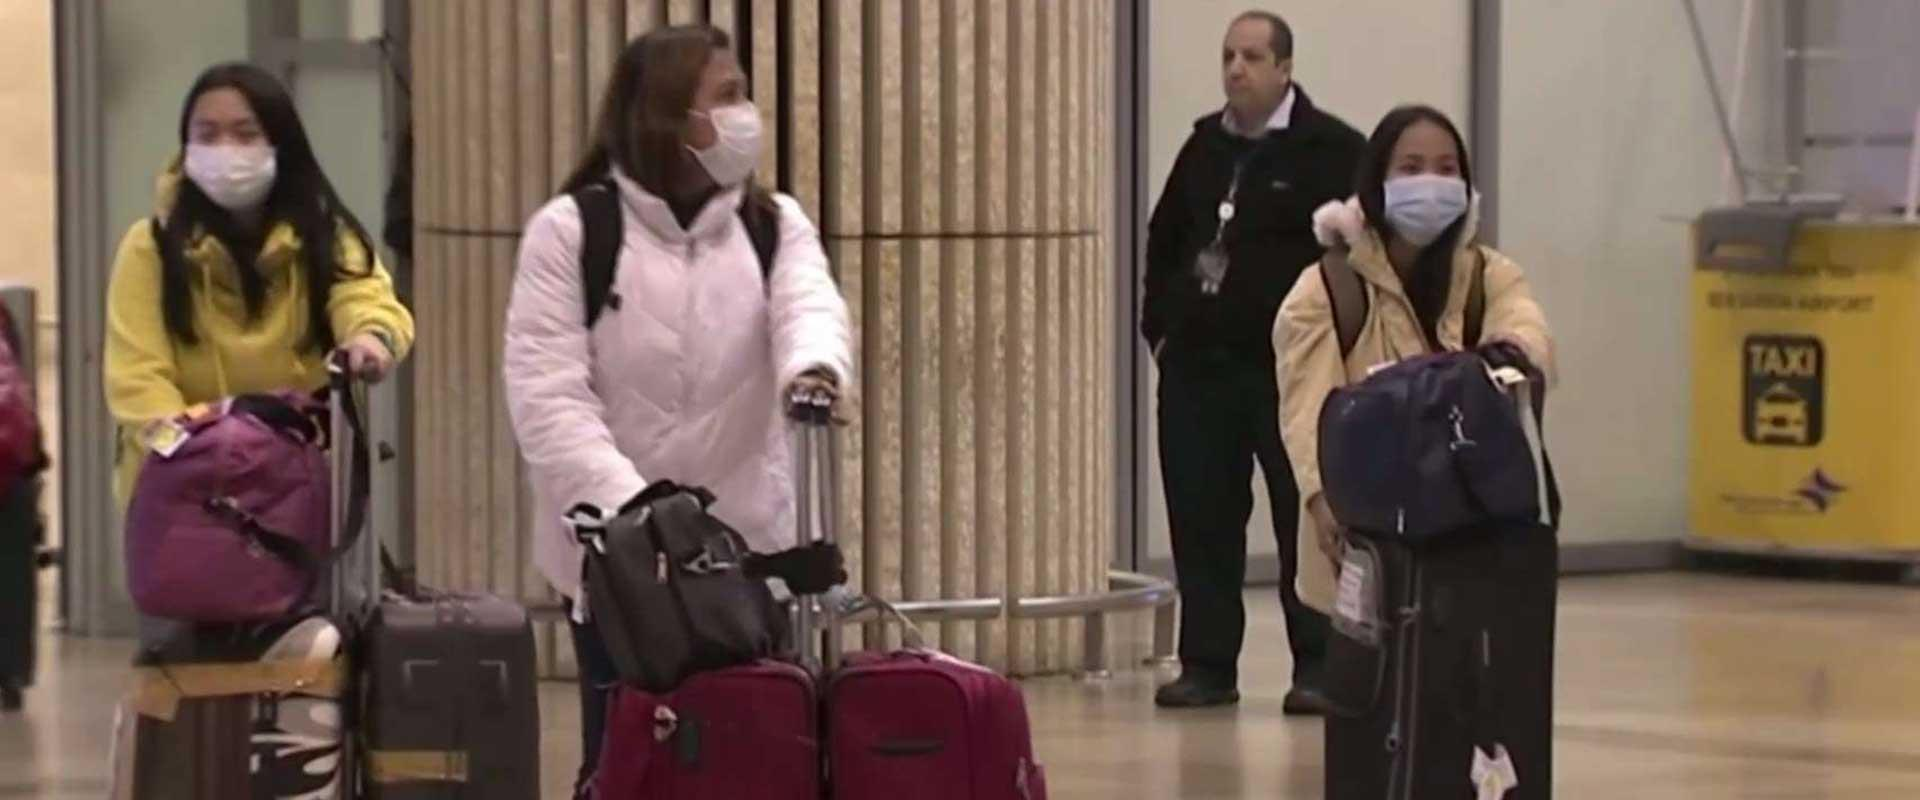 קורונה בשדה התעופה